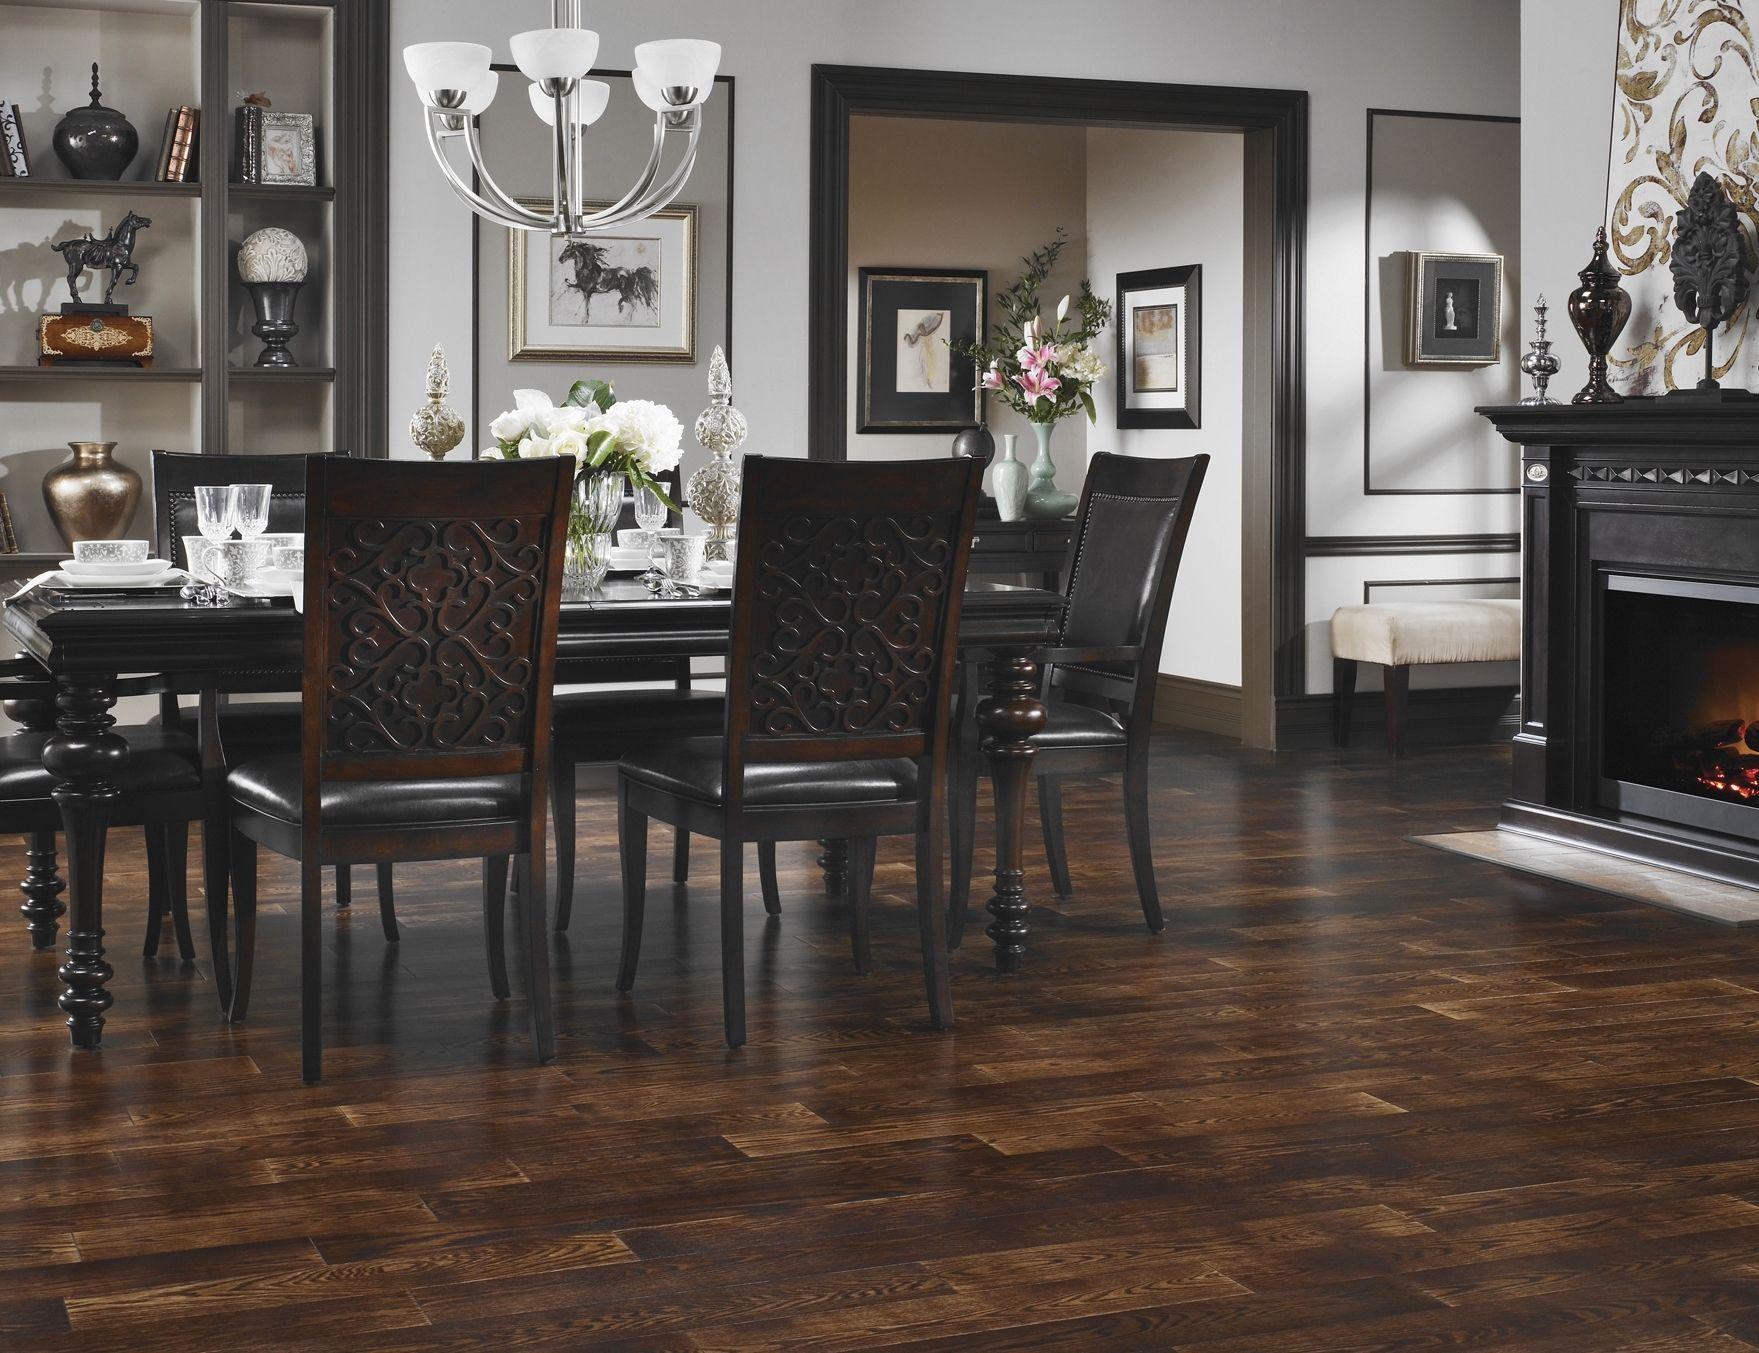 Mỗi Loại Sàn Gỗ Tự Nhiên Lại Có Những Công Dụng Và Tác Dụng Khác Alluring Dark Cherry Dining Room Set Design Inspiration